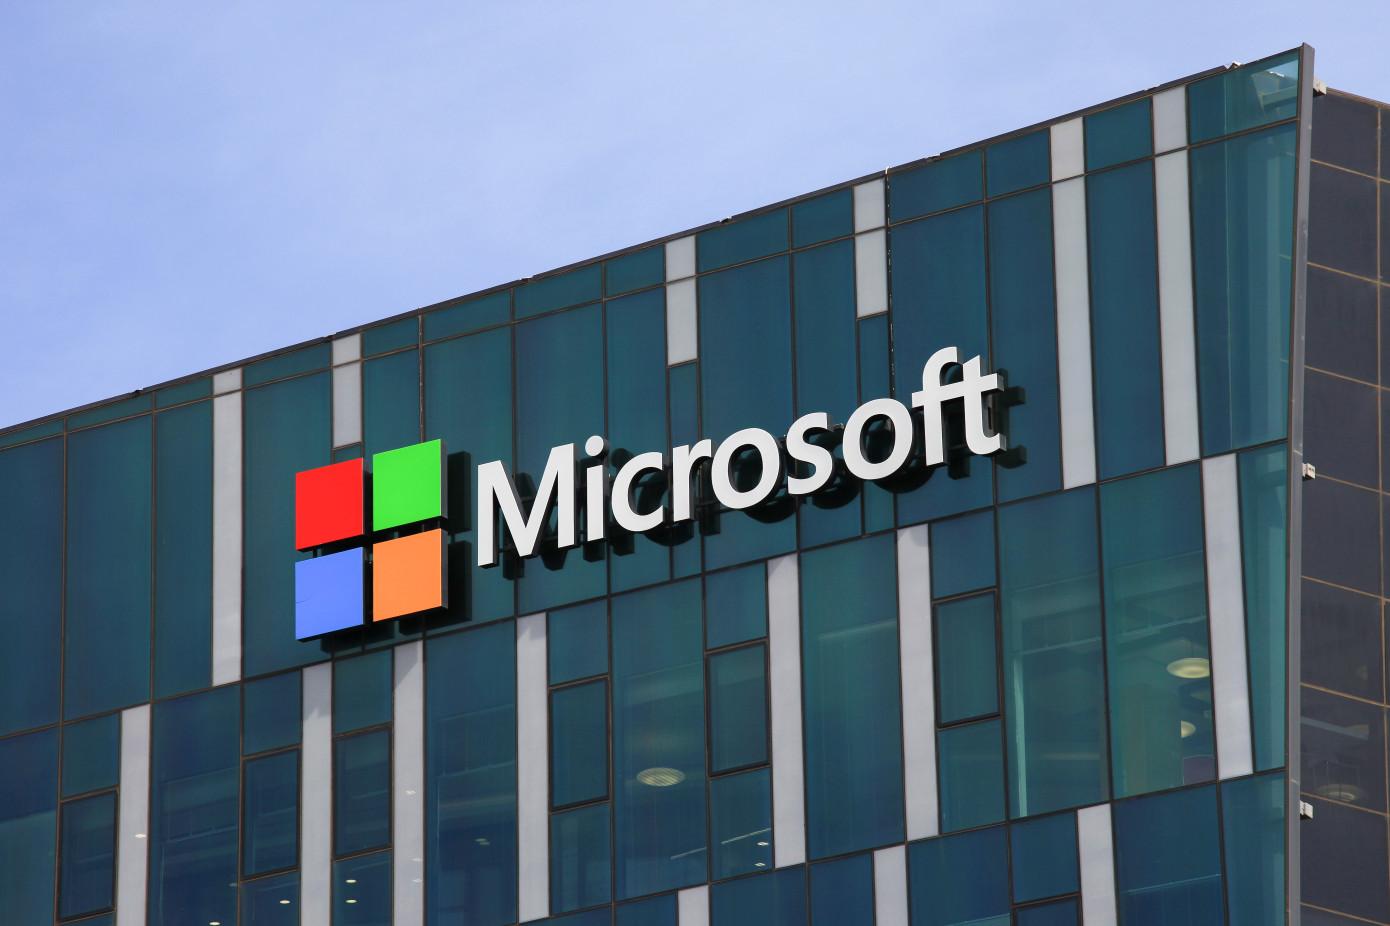 مايكروسوفت تطلق ثلاث تطبيقات ذكاء اصطناعي جديدة ضمن نظام Dynamics 365